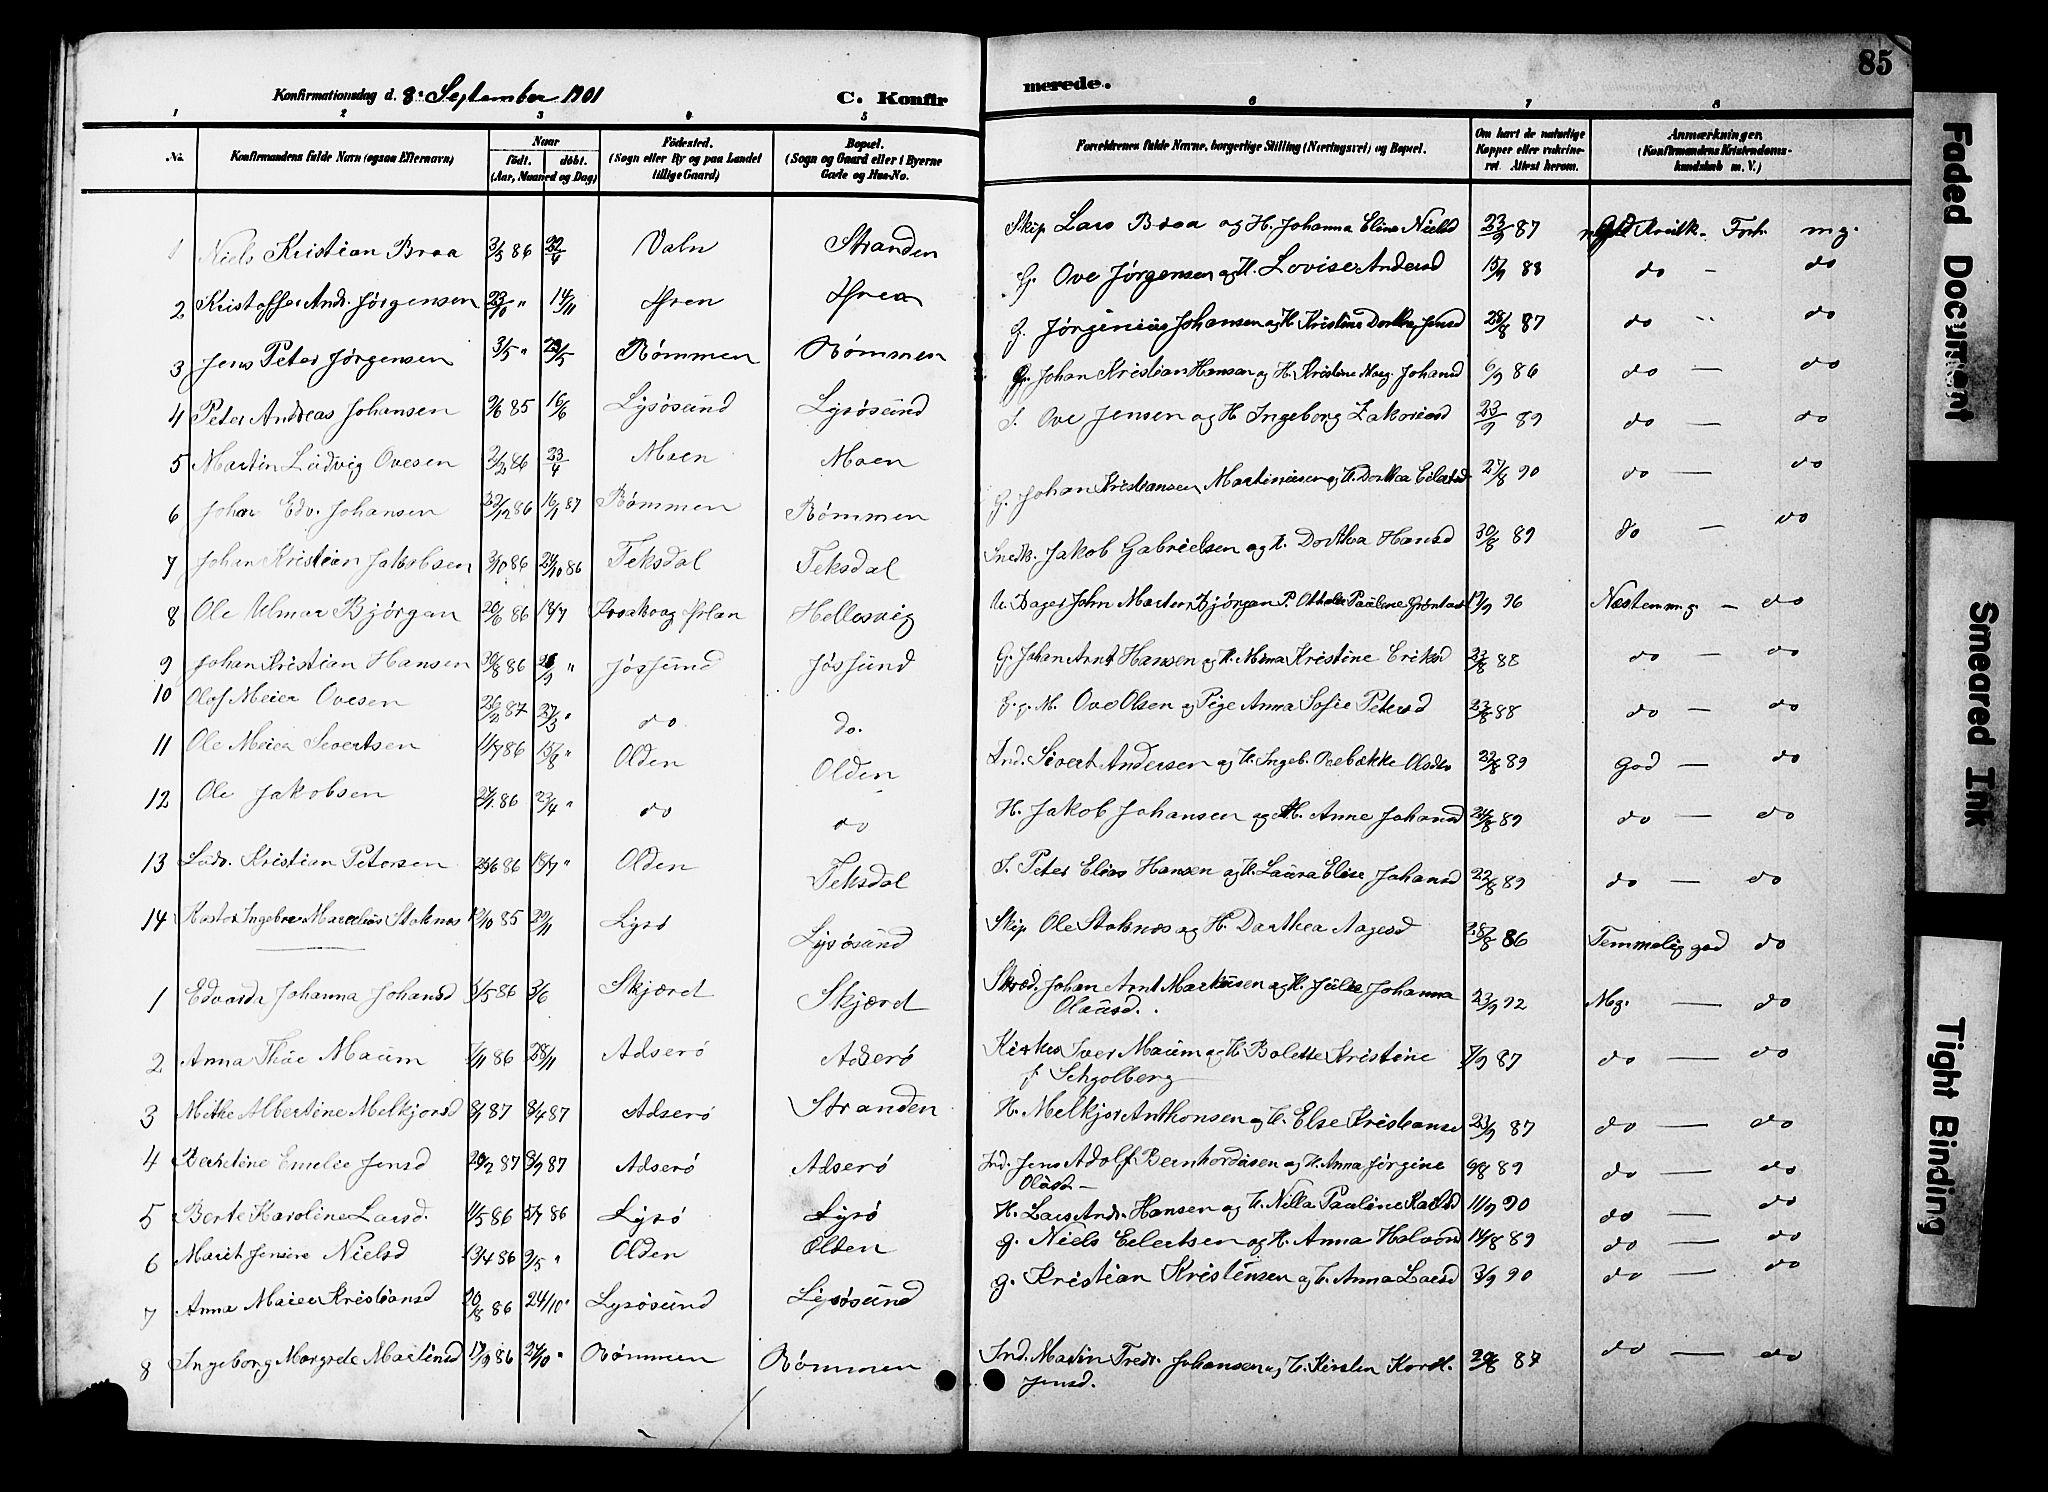 SAT, Ministerialprotokoller, klokkerbøker og fødselsregistre - Sør-Trøndelag, 654/L0666: Klokkerbok nr. 654C02, 1901-1925, s. 85